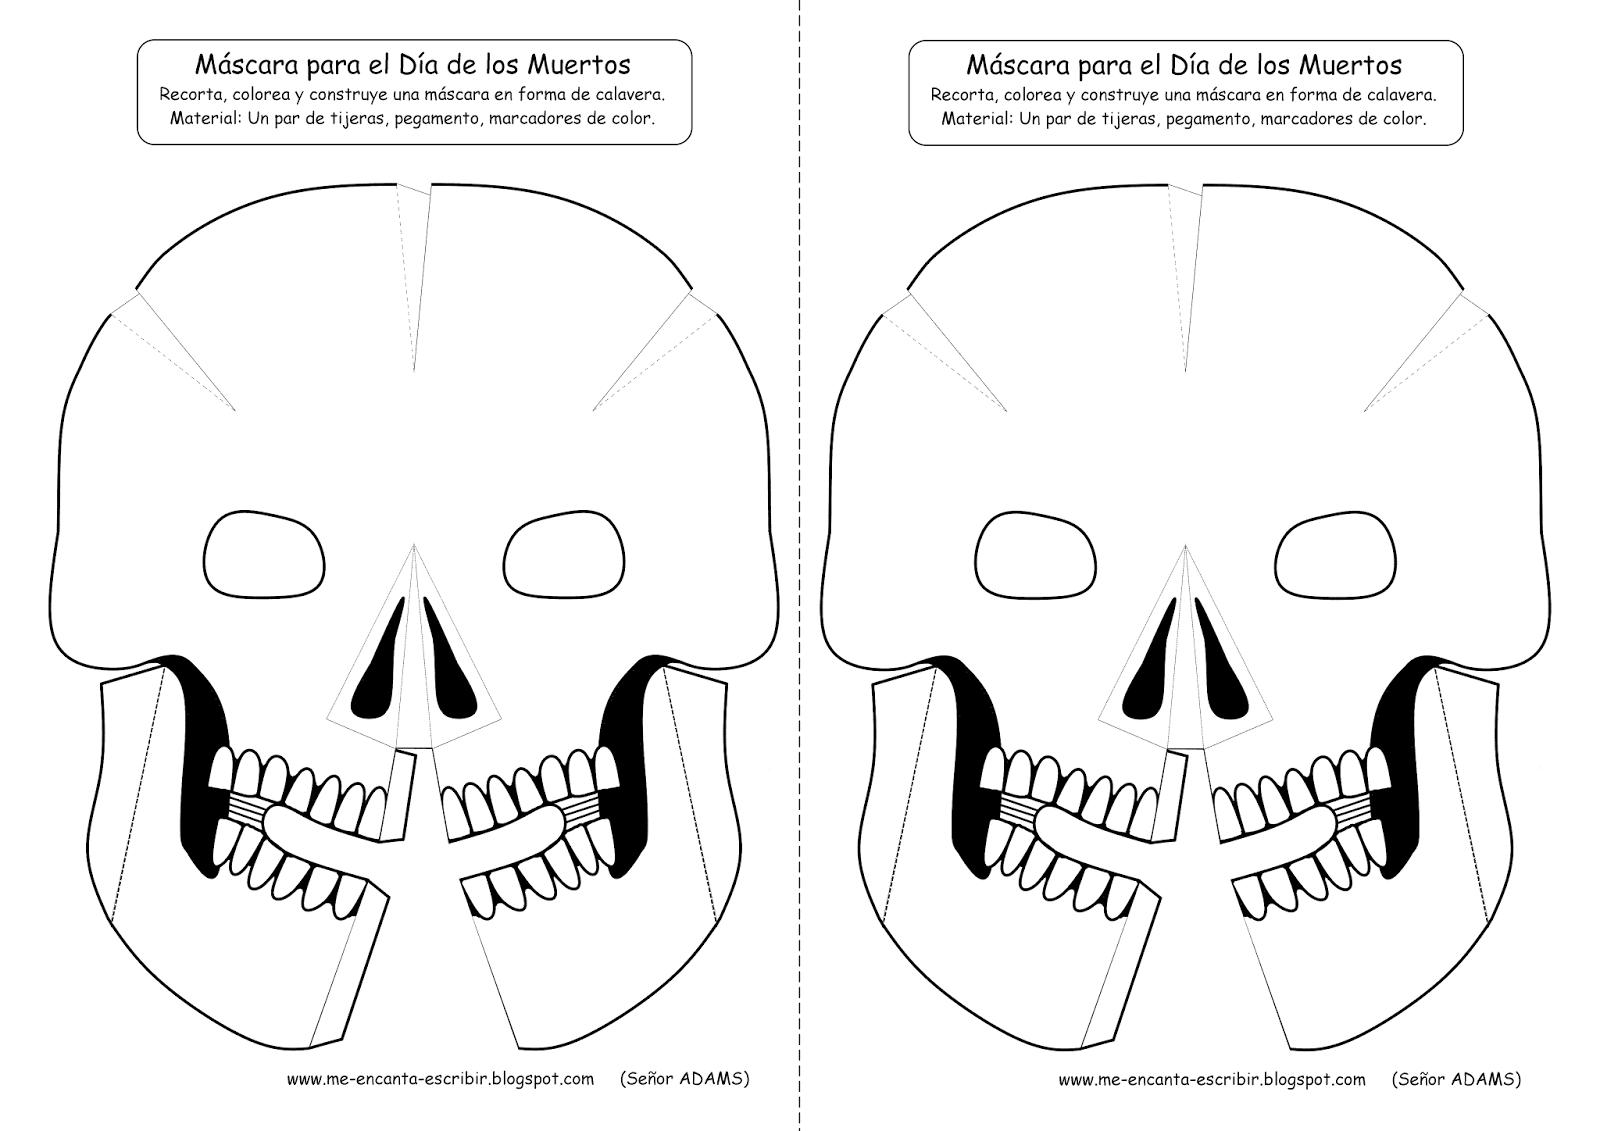 Me encanta escribir en español: Máscara para el Día de los Muertos